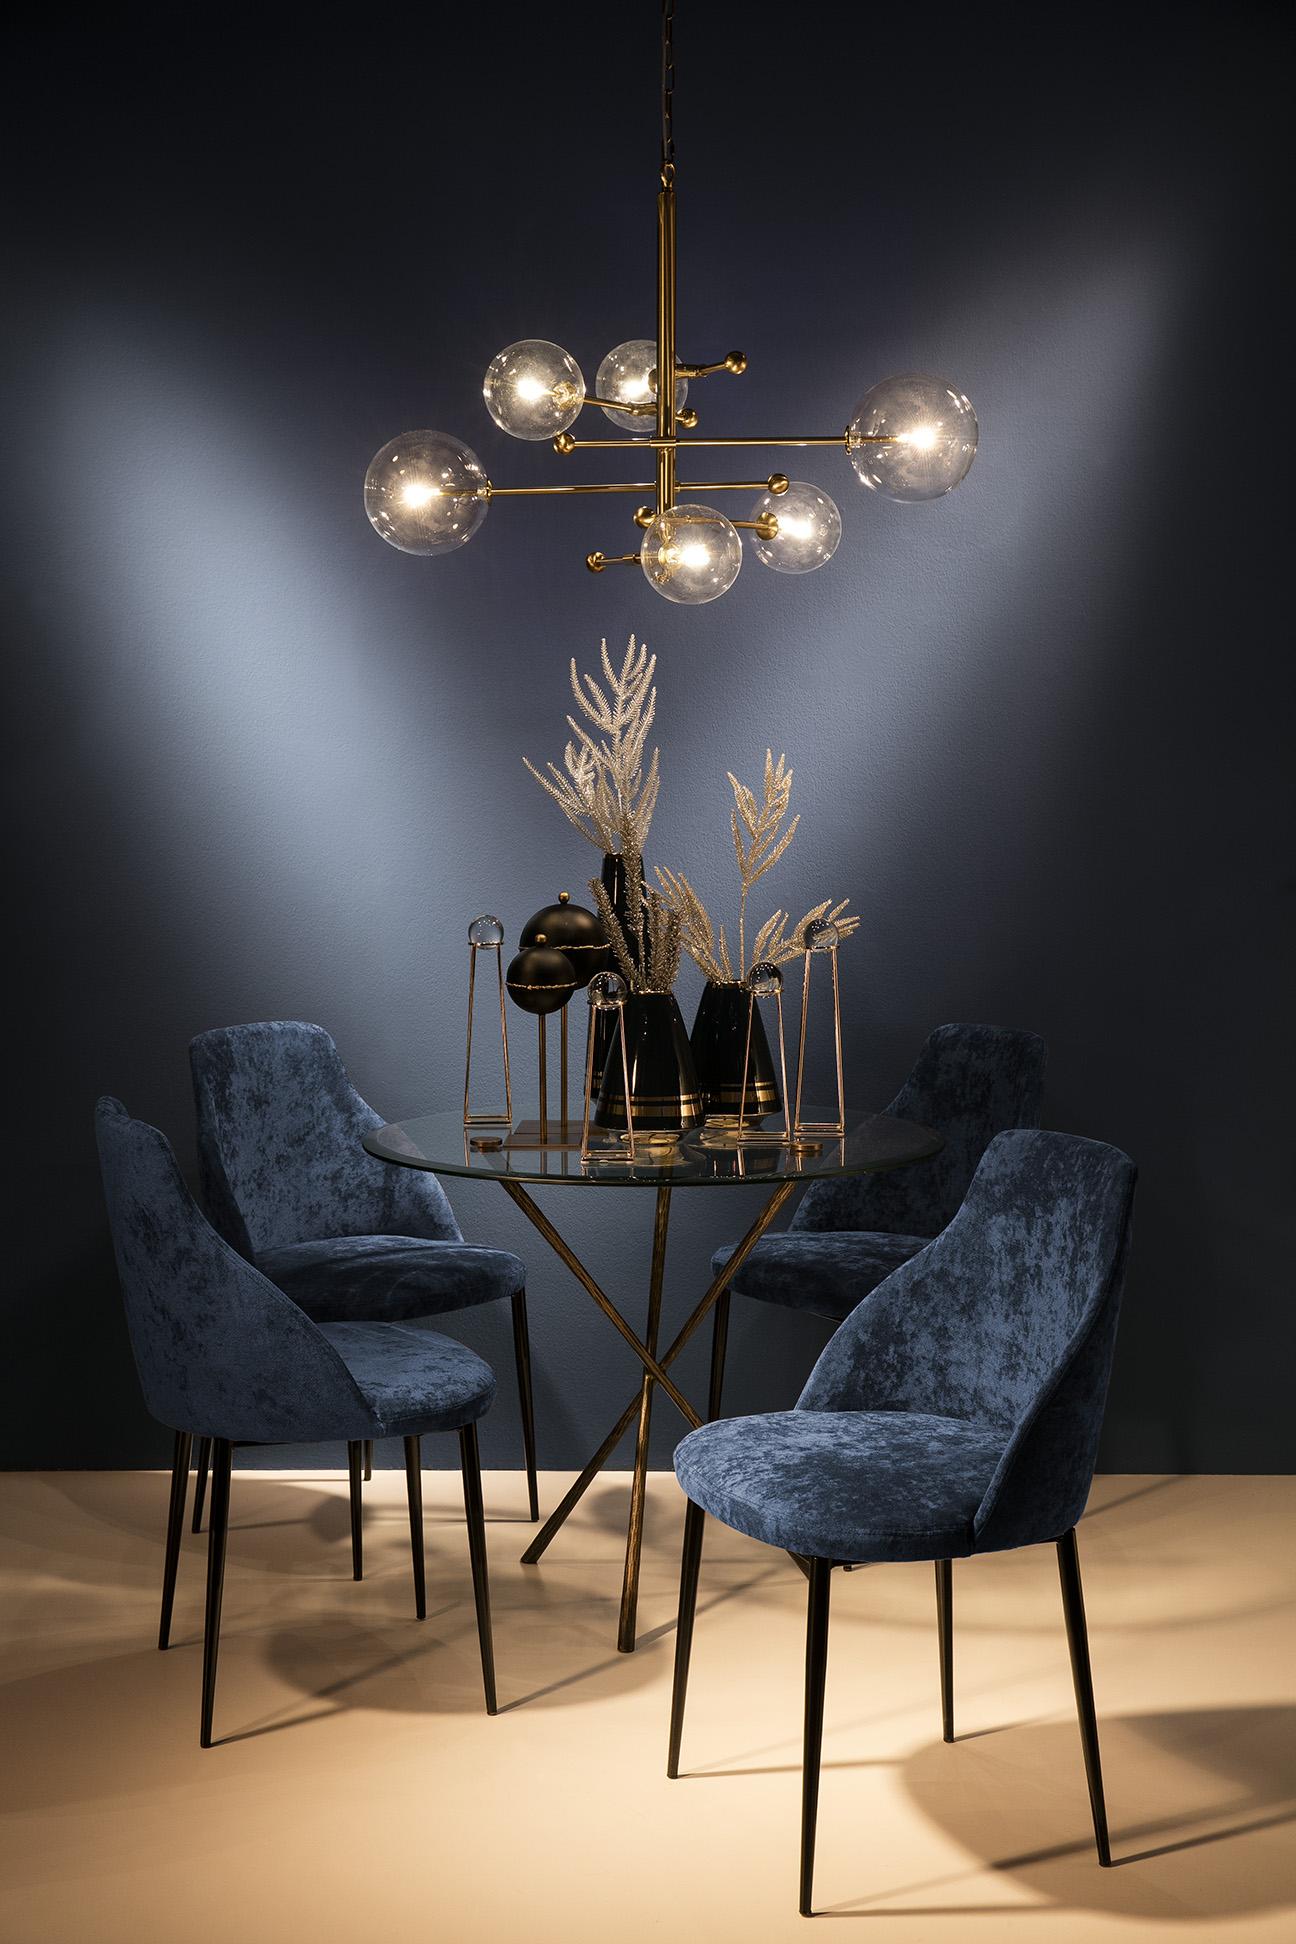 mesas-de-comedor-y-sillas-General-muebles-paco-caballero-2232-5c9a536830534